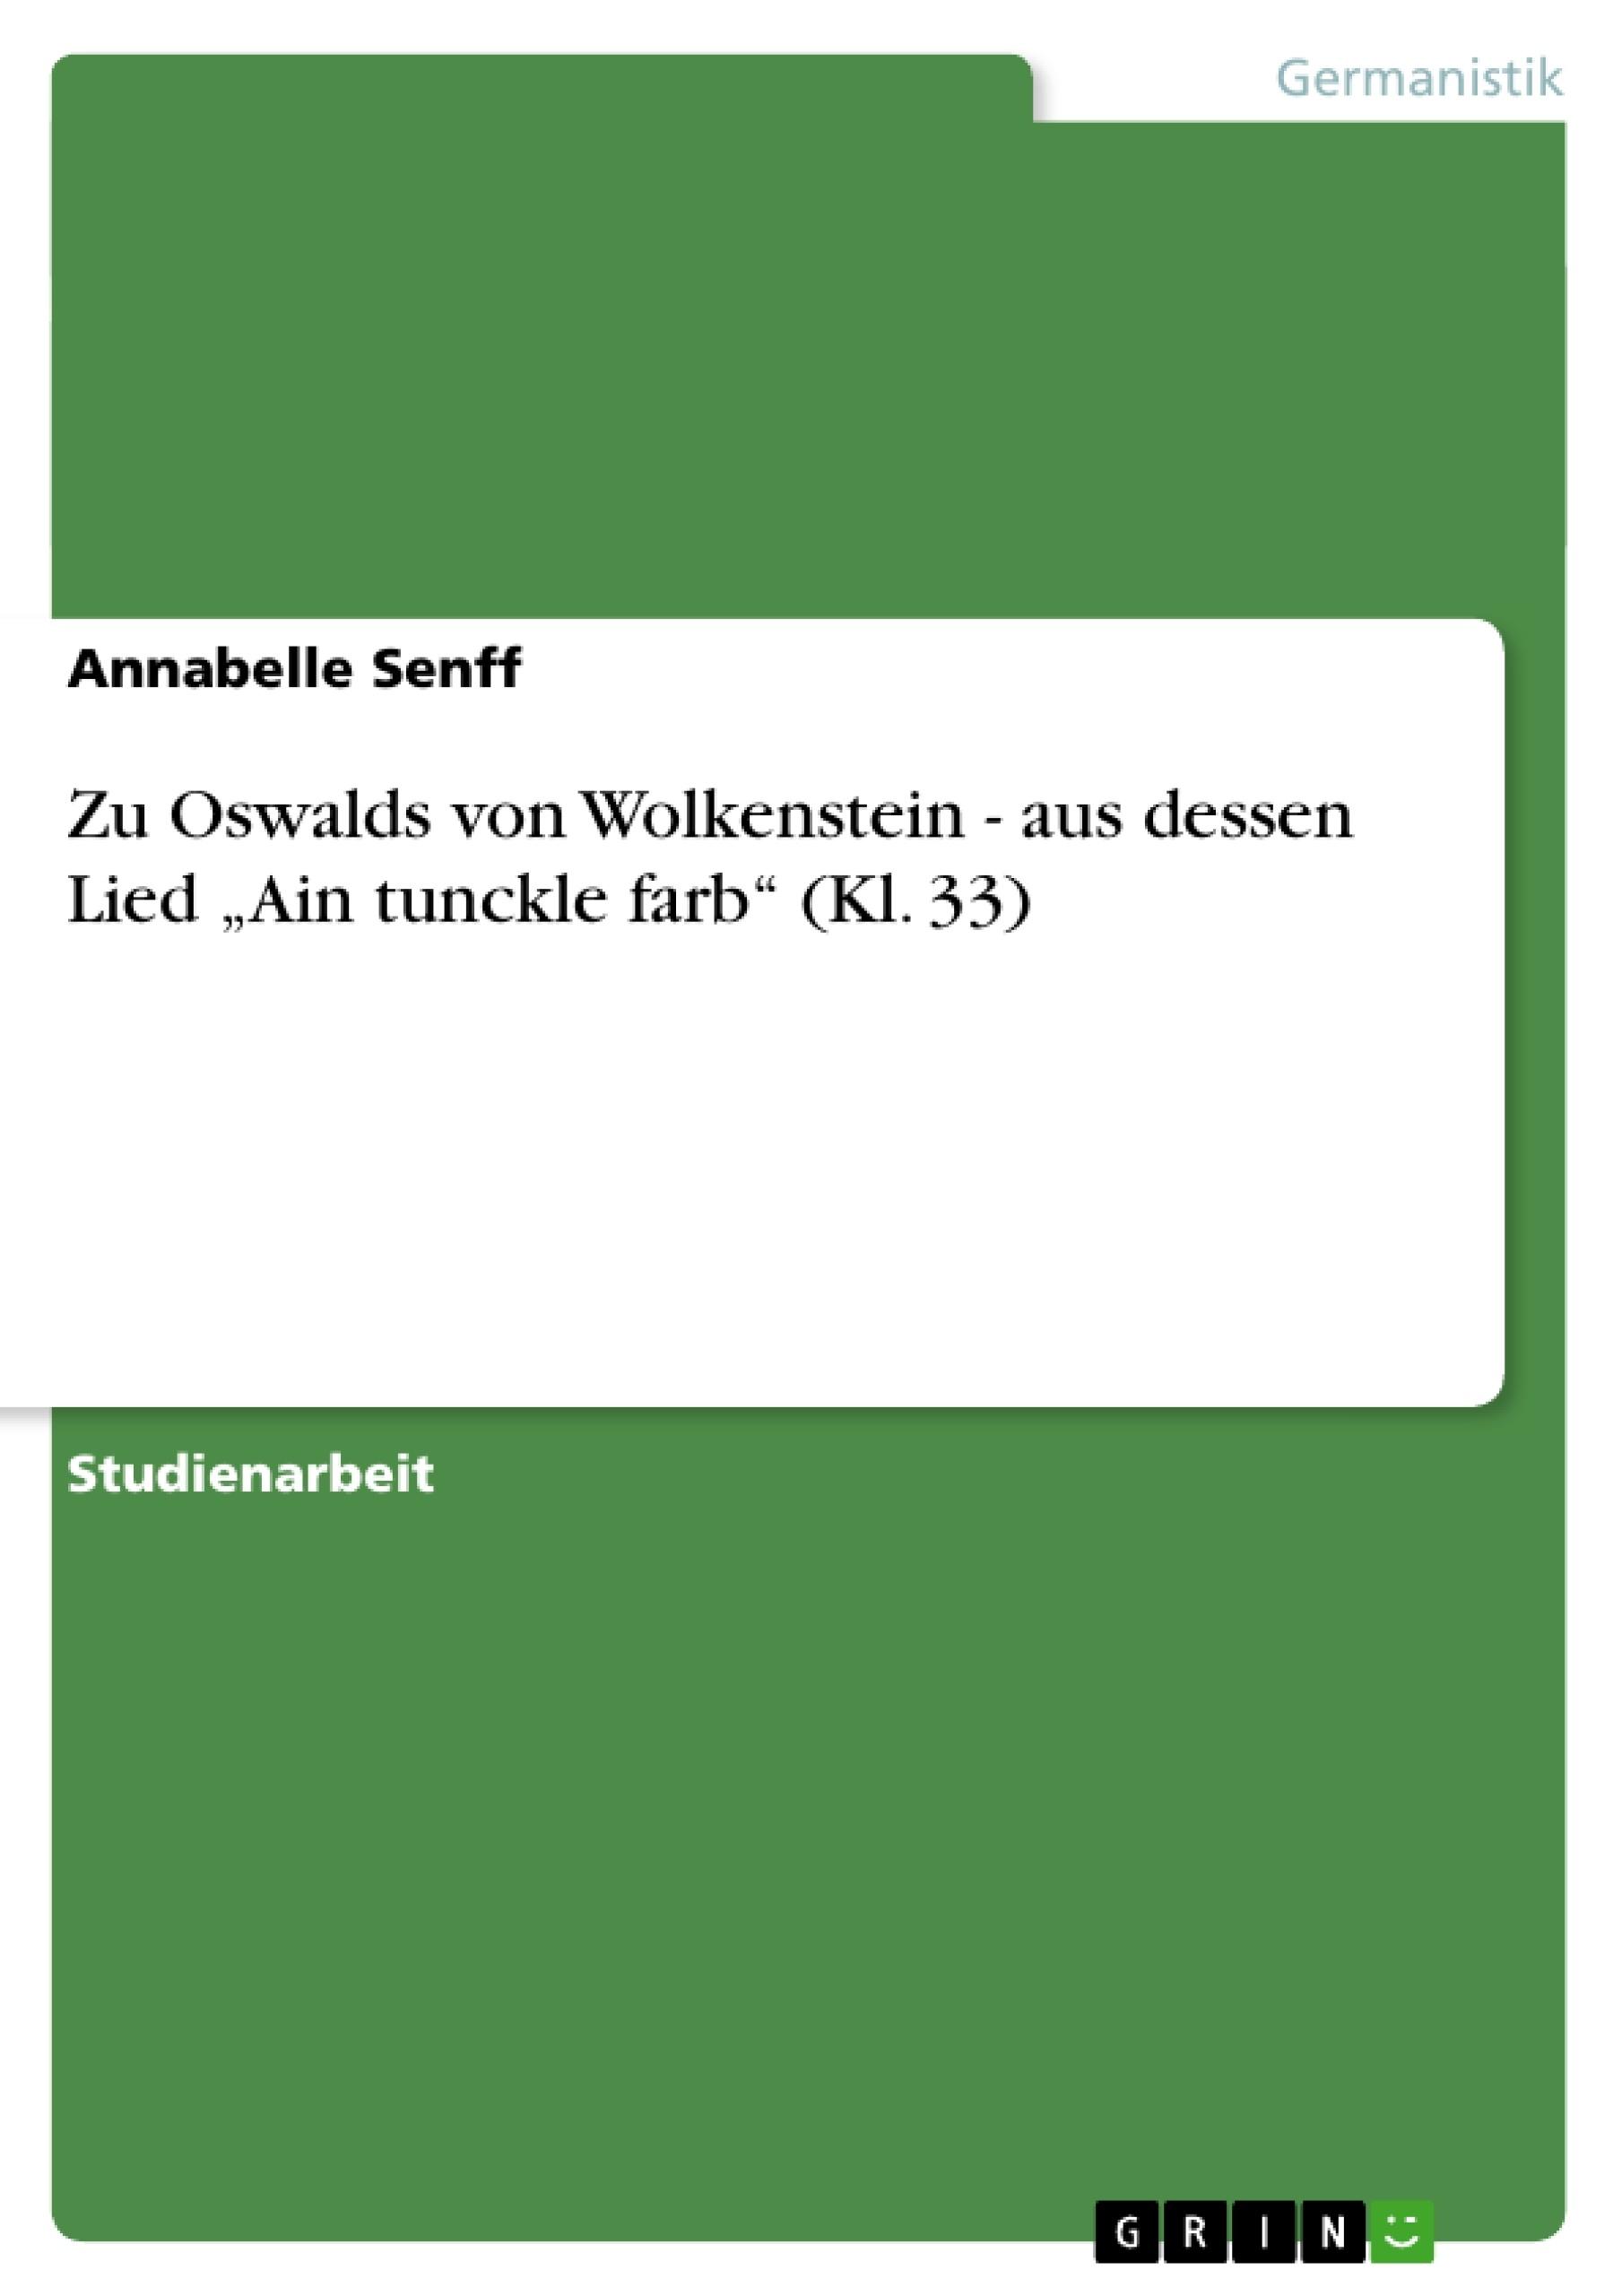 """Titel: Zu Oswalds von Wolkenstein   - aus dessen Lied """"Ain tunckle farb"""" (Kl. 33)"""